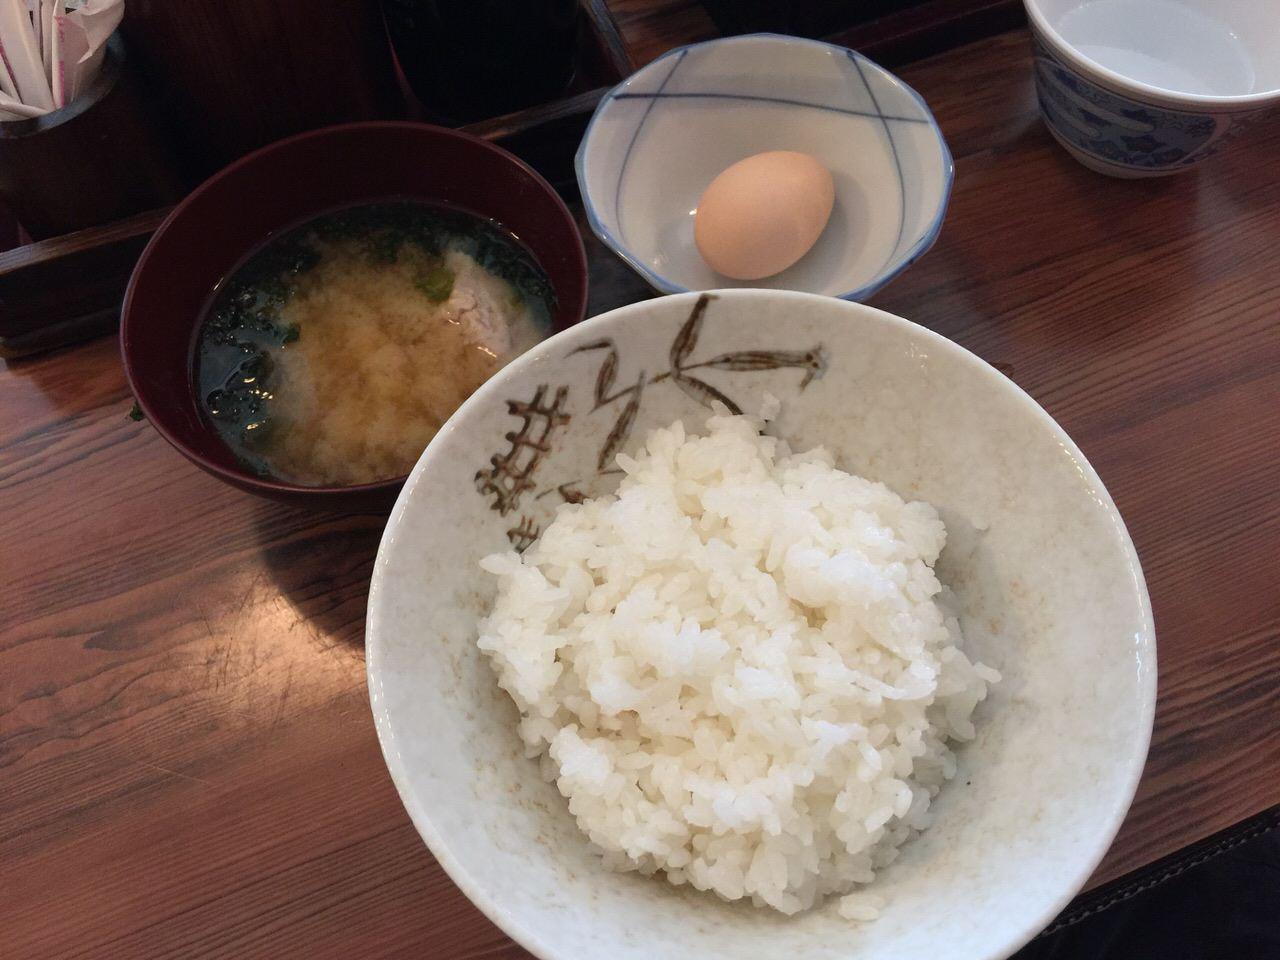 Niijima morning 7333